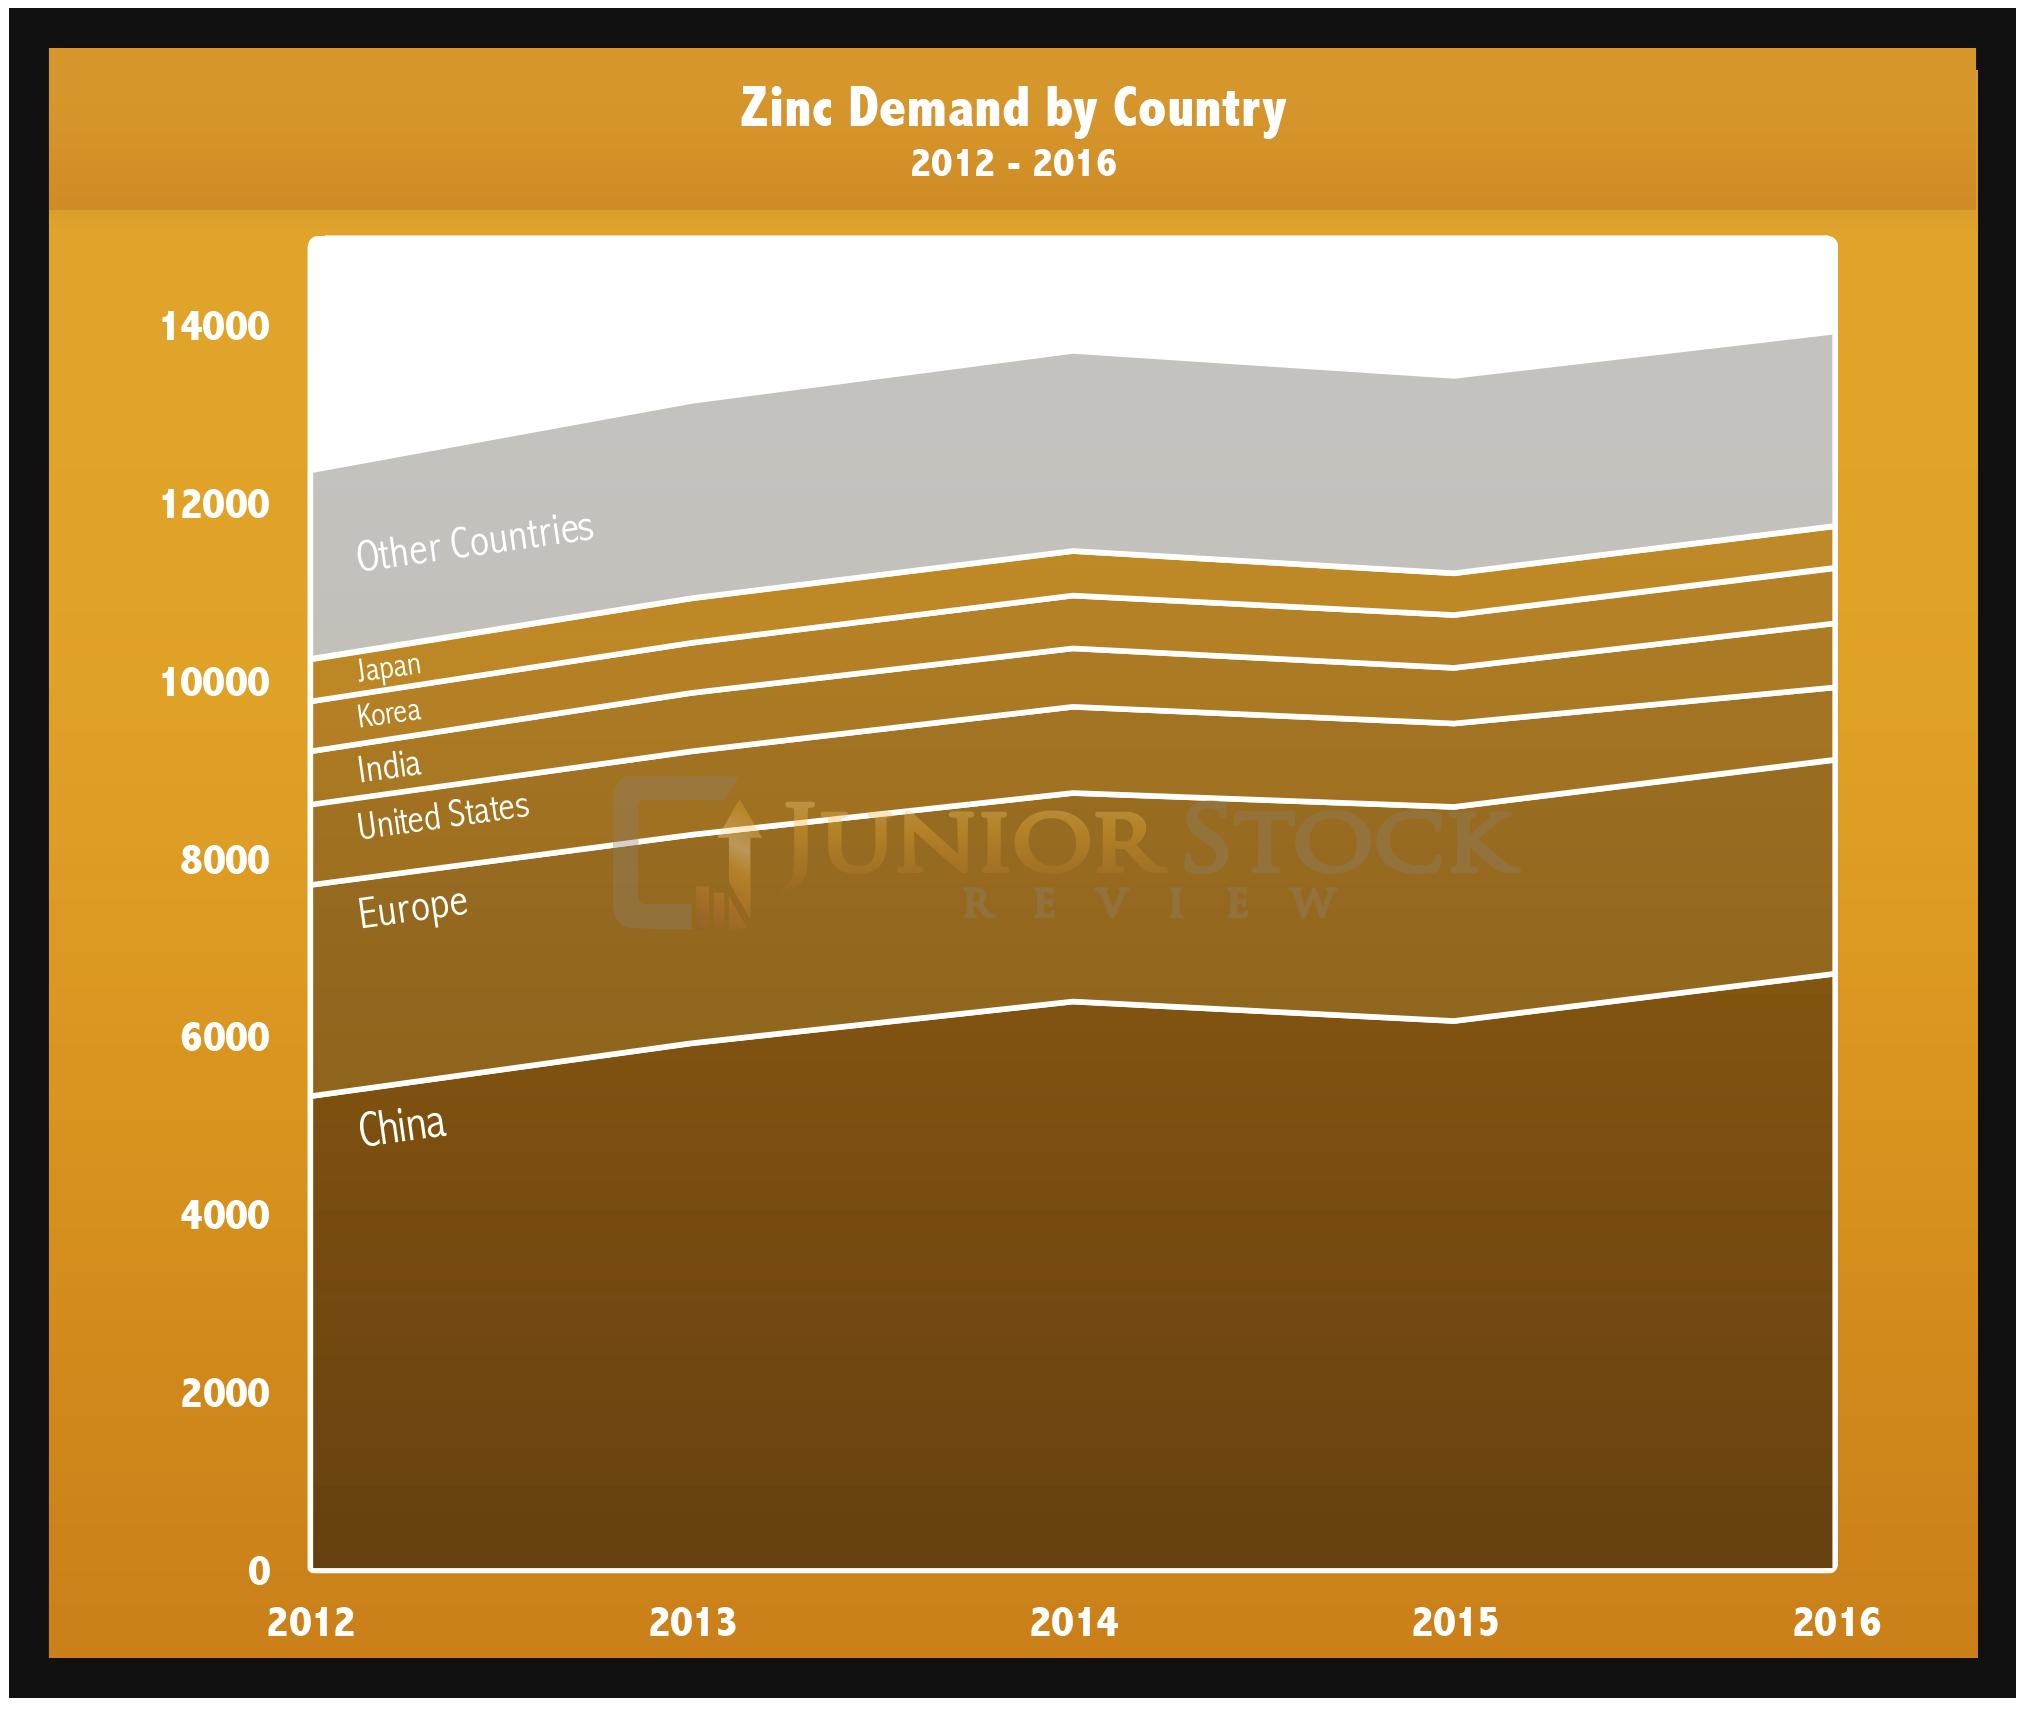 World Zinc Demand